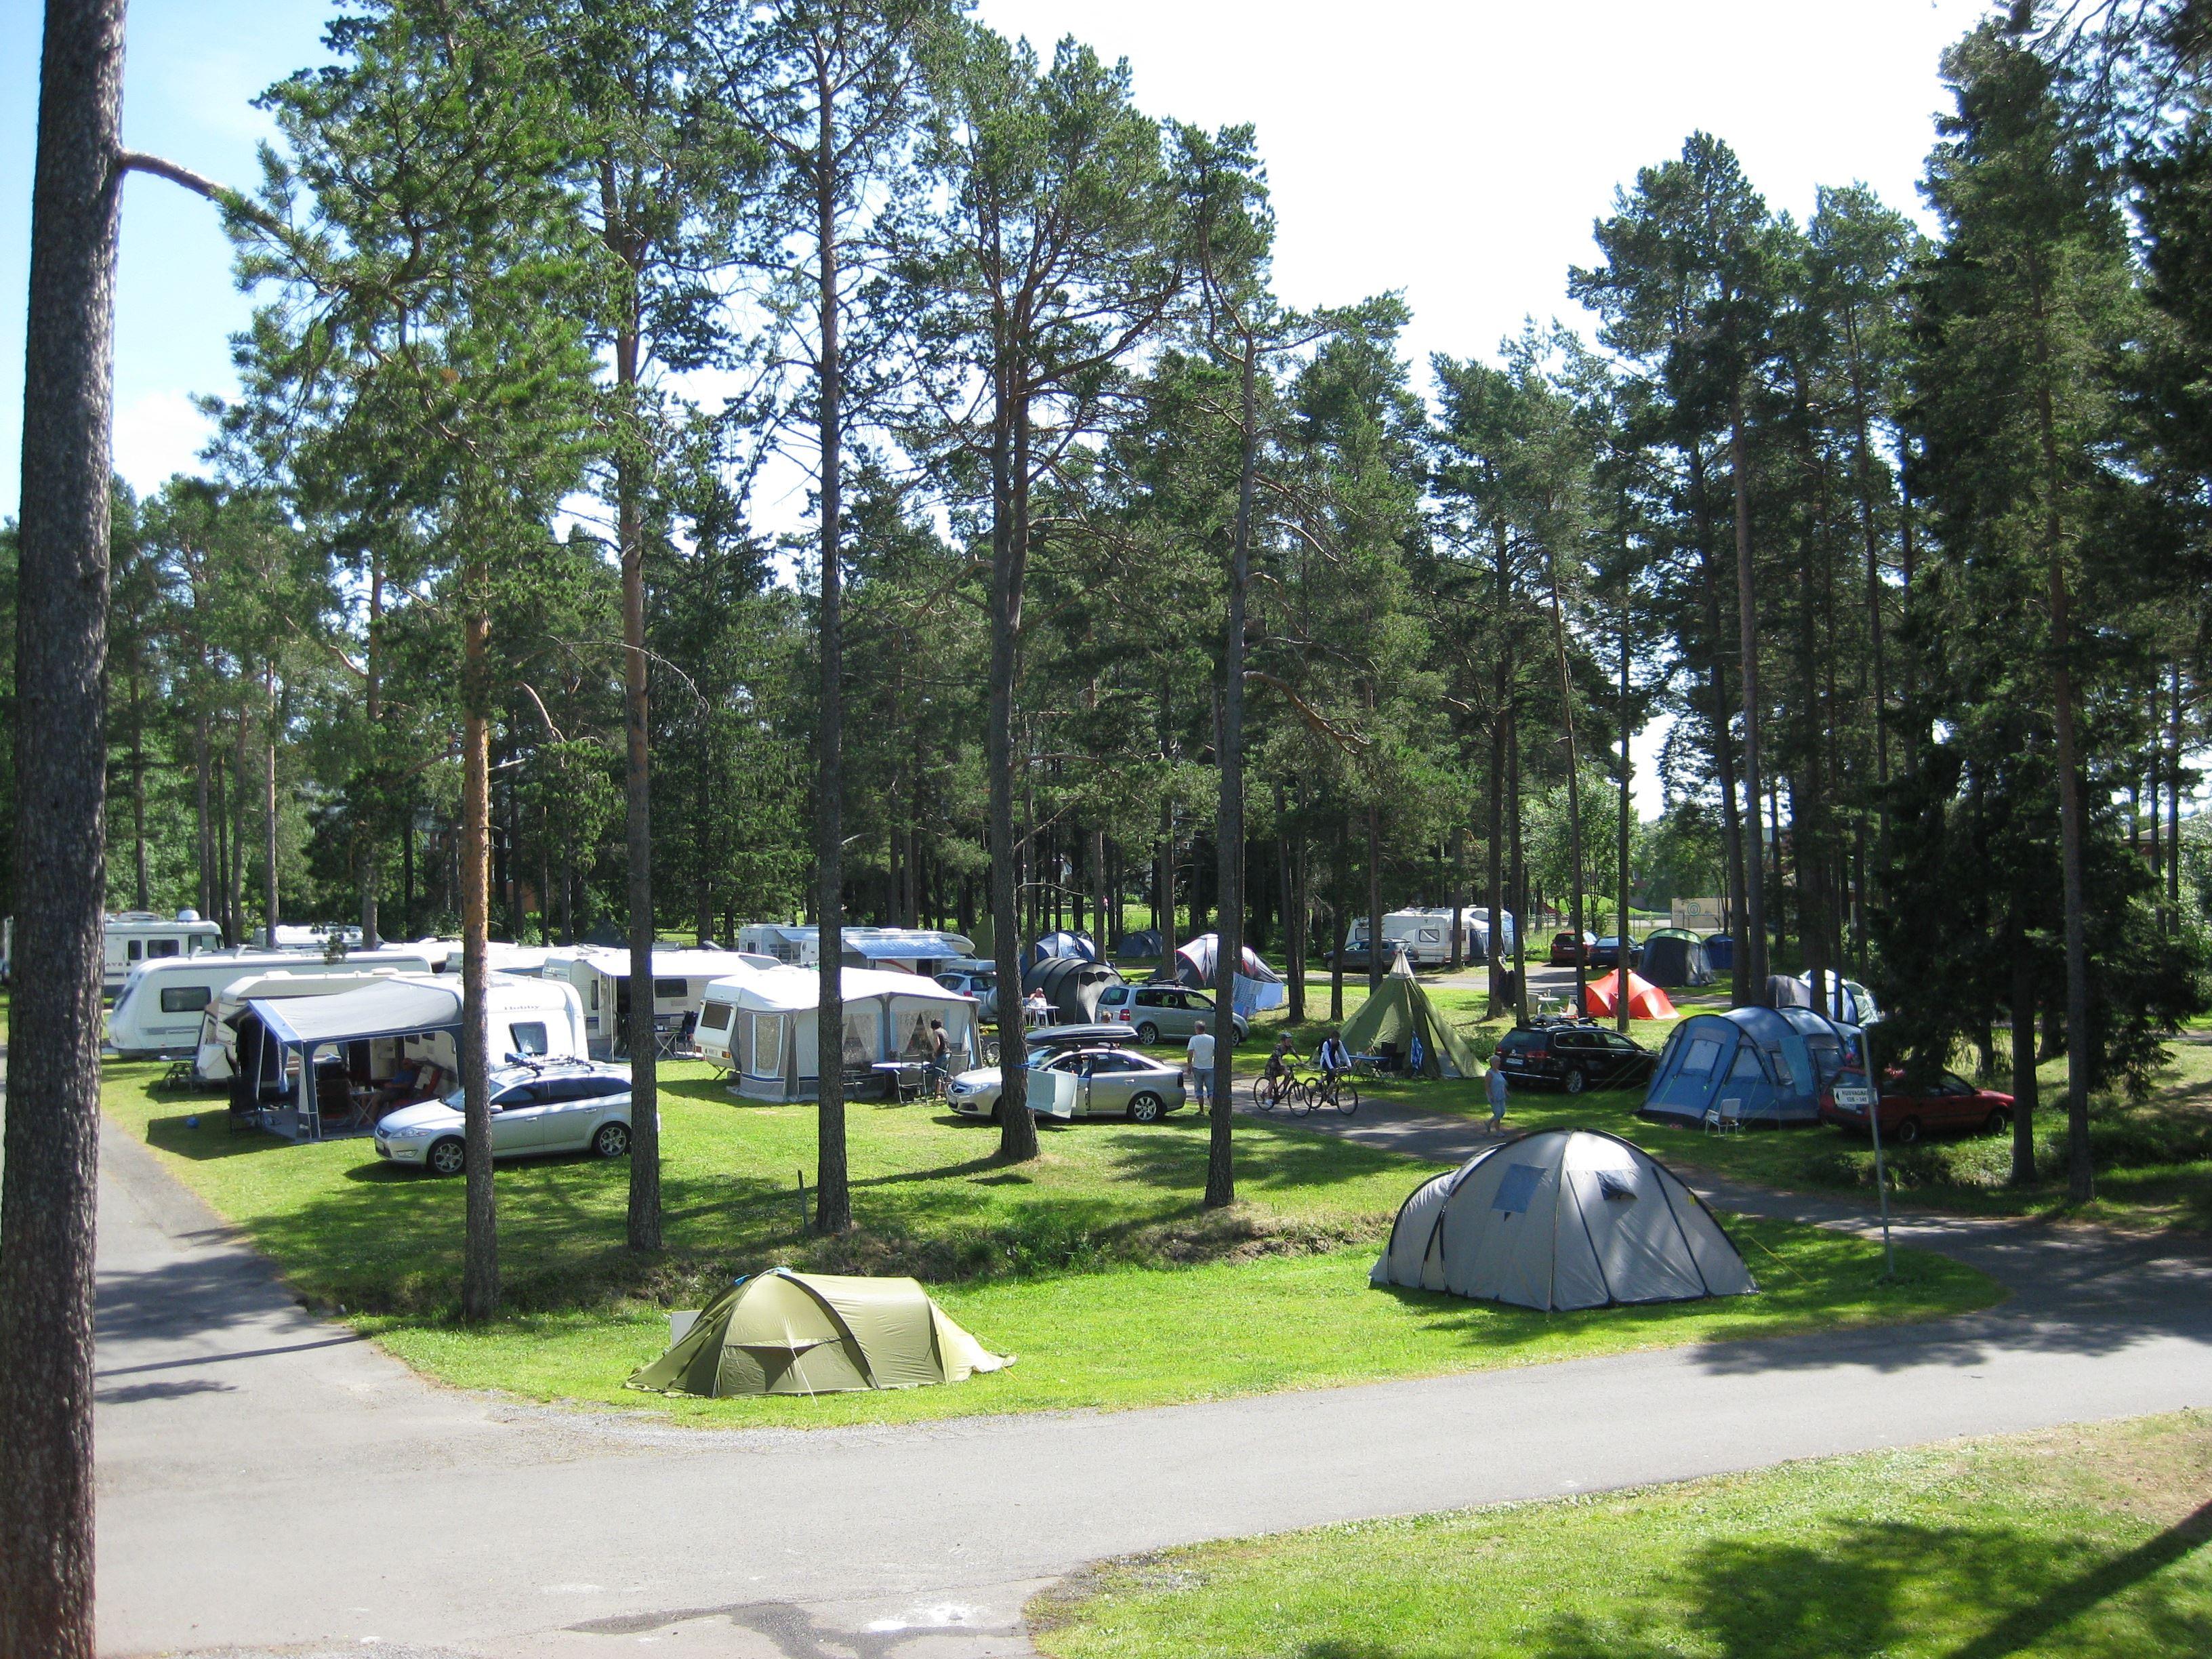 Foto: Östersunds Stugby & Camping,  © Copy: Östersunds Stugby & Camping, Östersunds Stugby & Camping